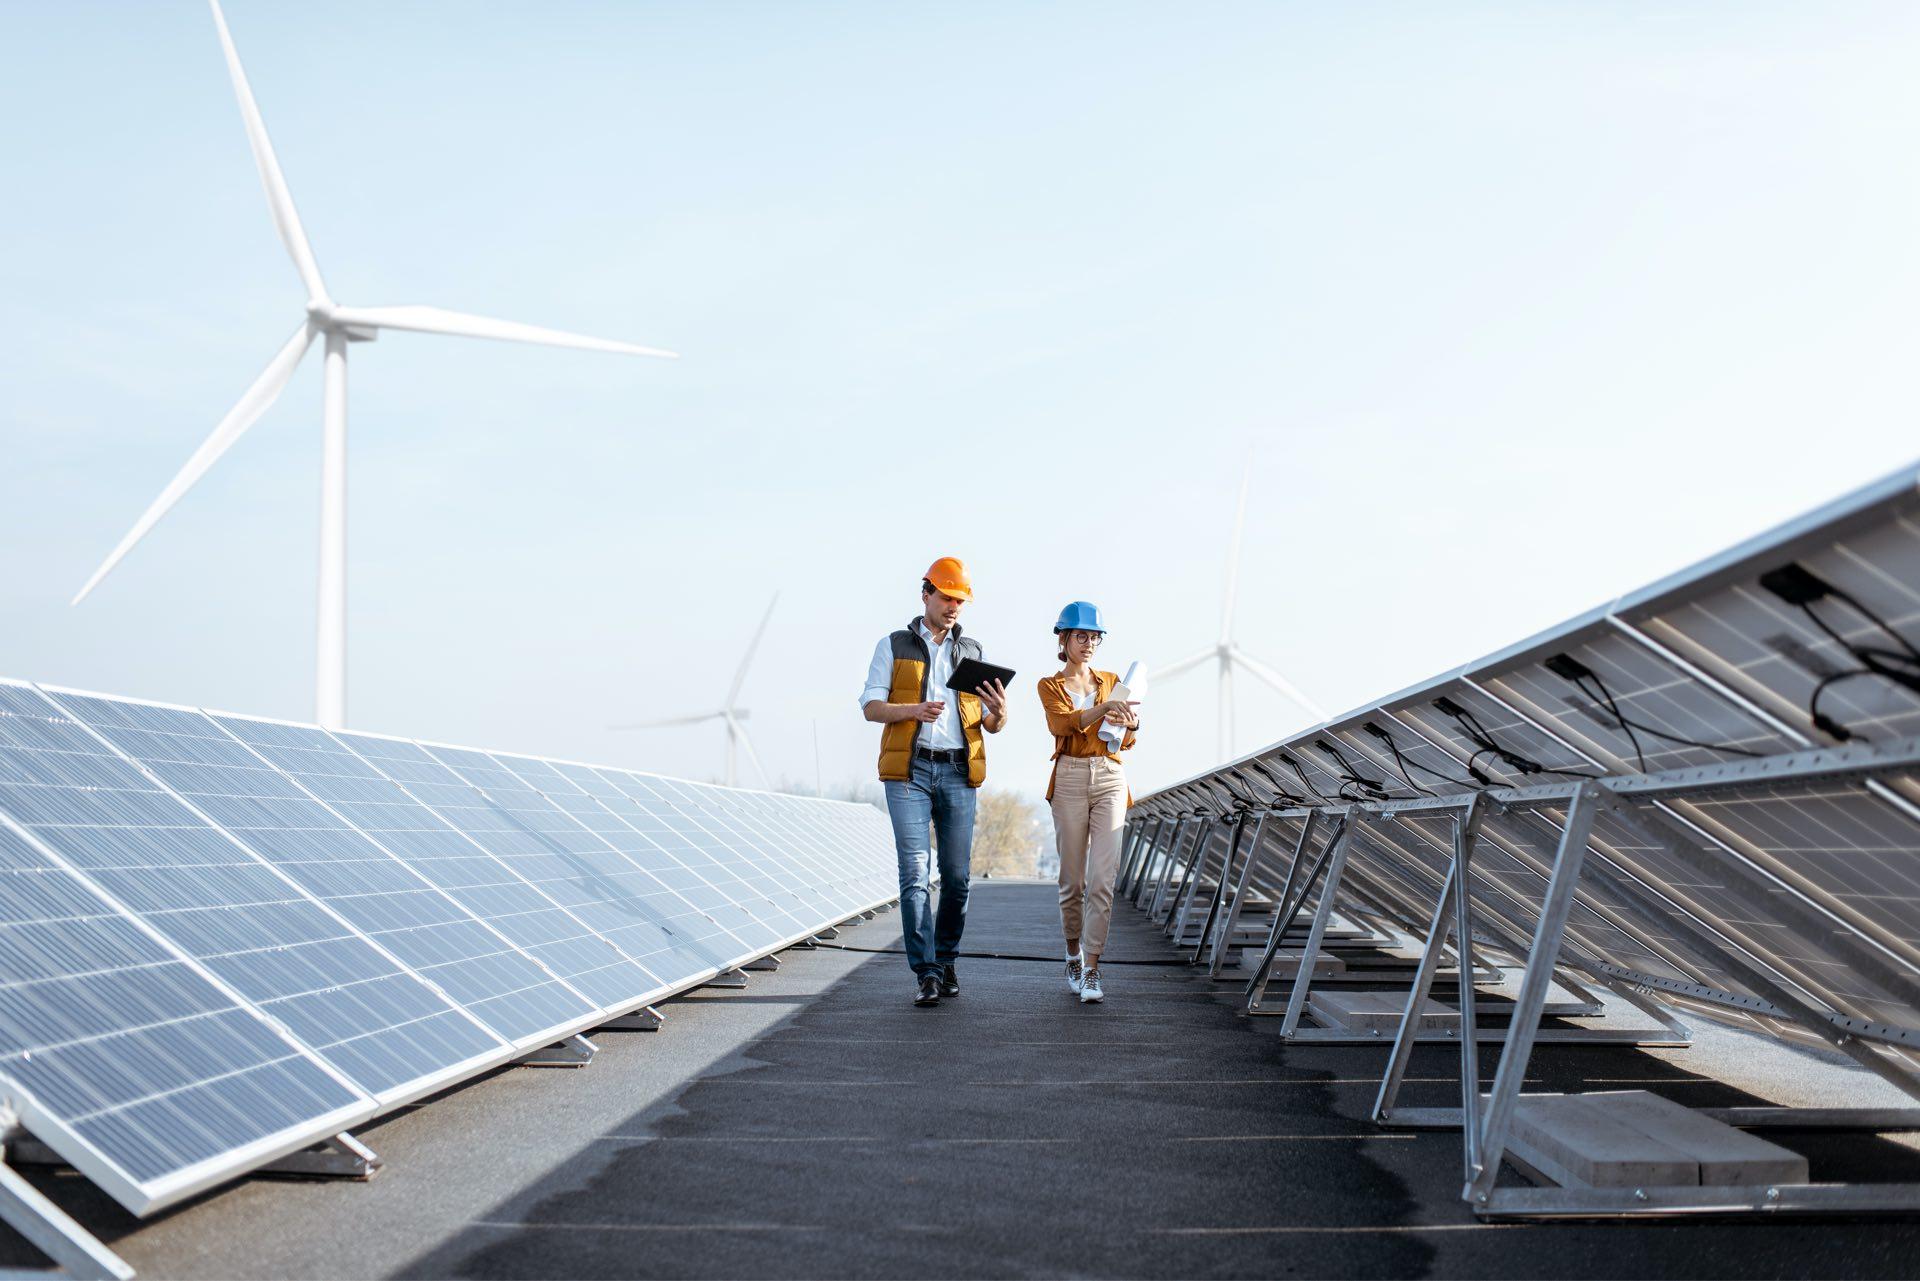 Maschinenbau und Alternative Energien